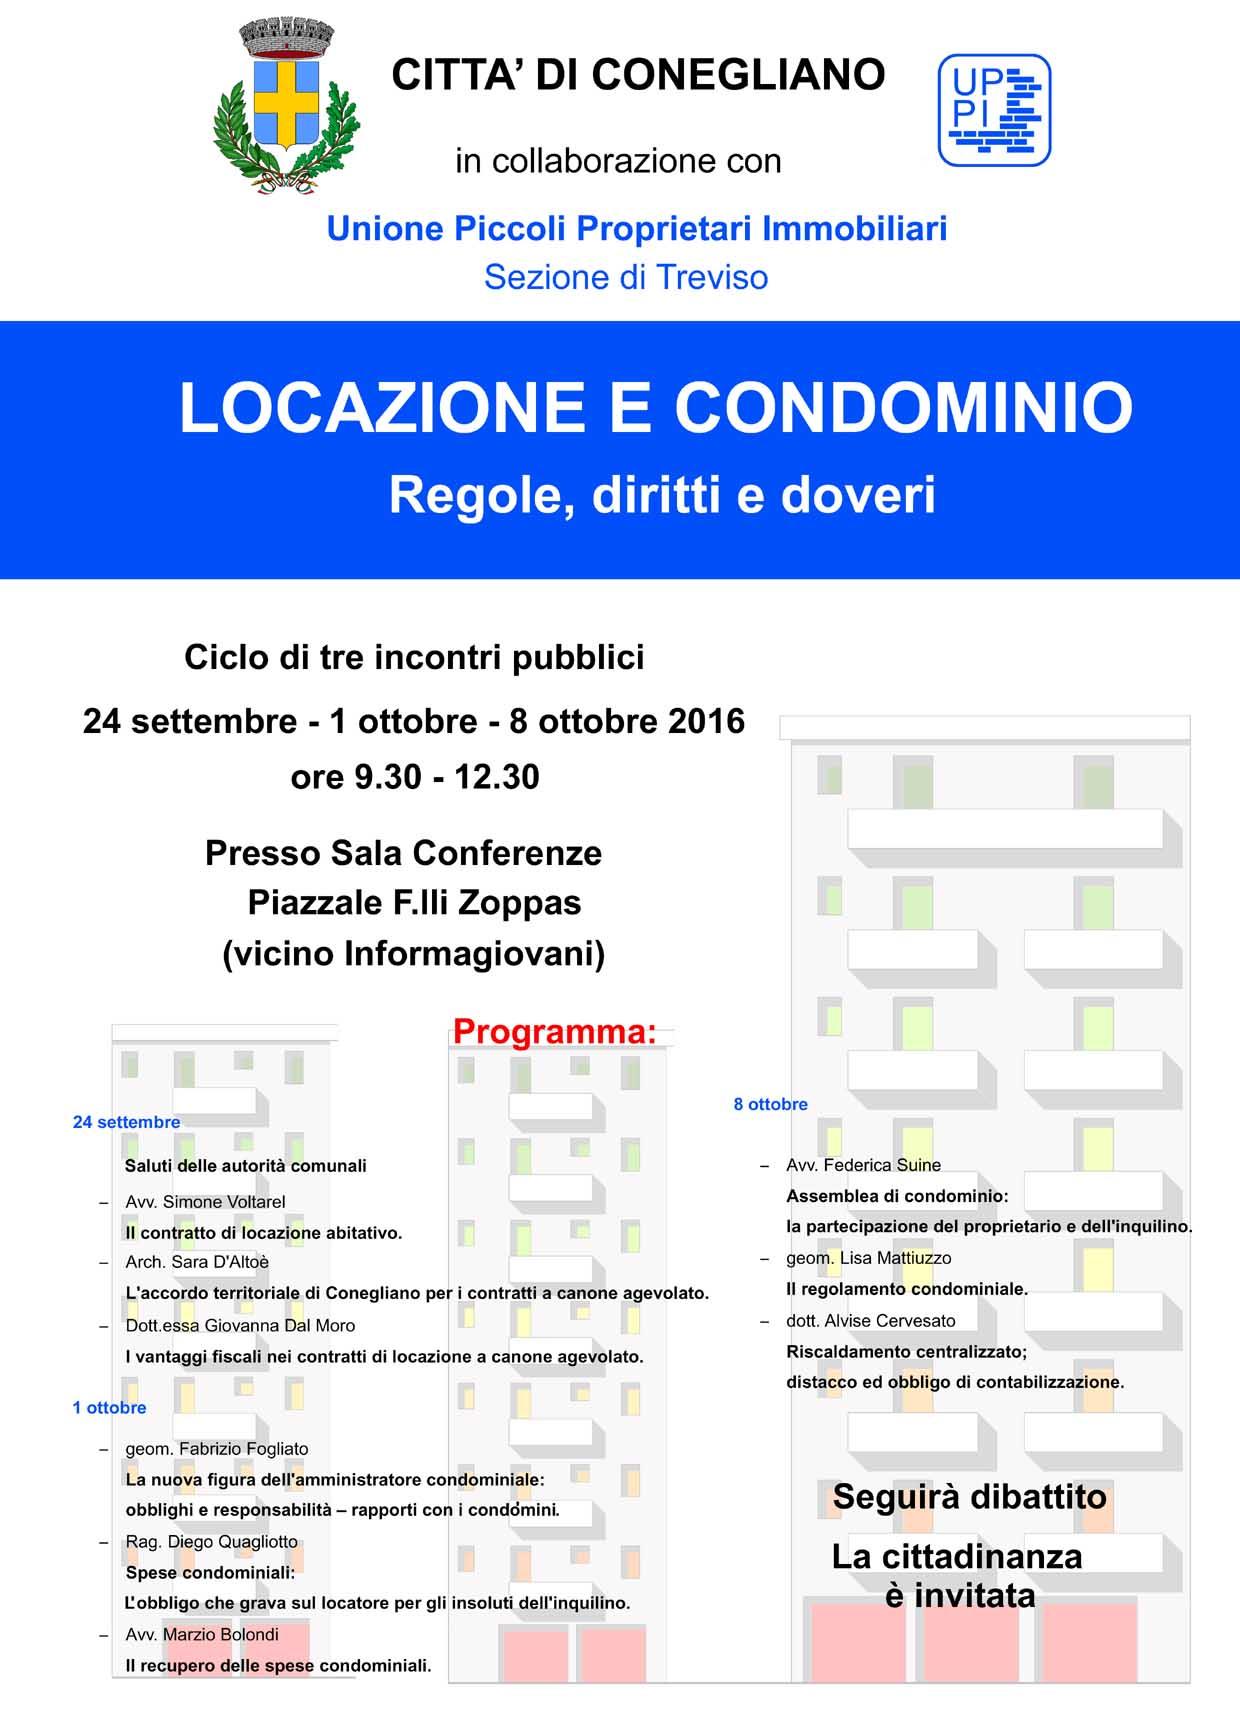 Uppi treviso locazione e condominio regole diritti e for Regole di condominio